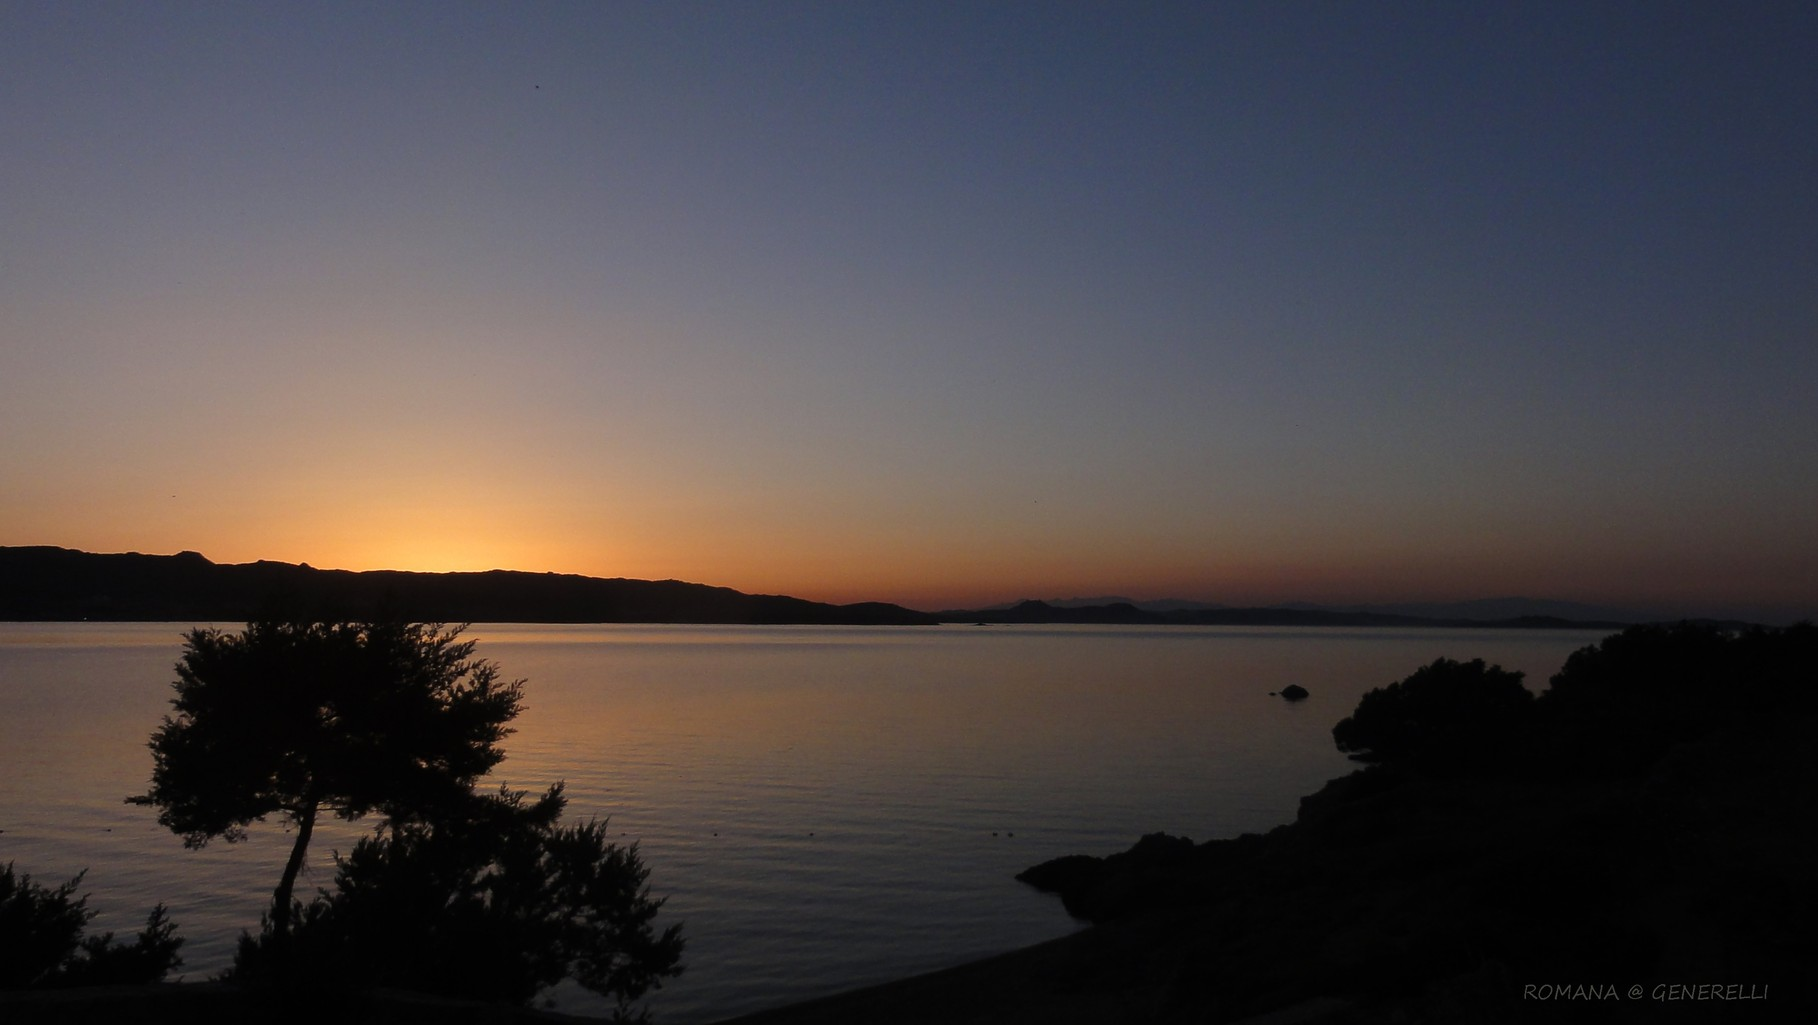 All' ora del tramonto momento romantico